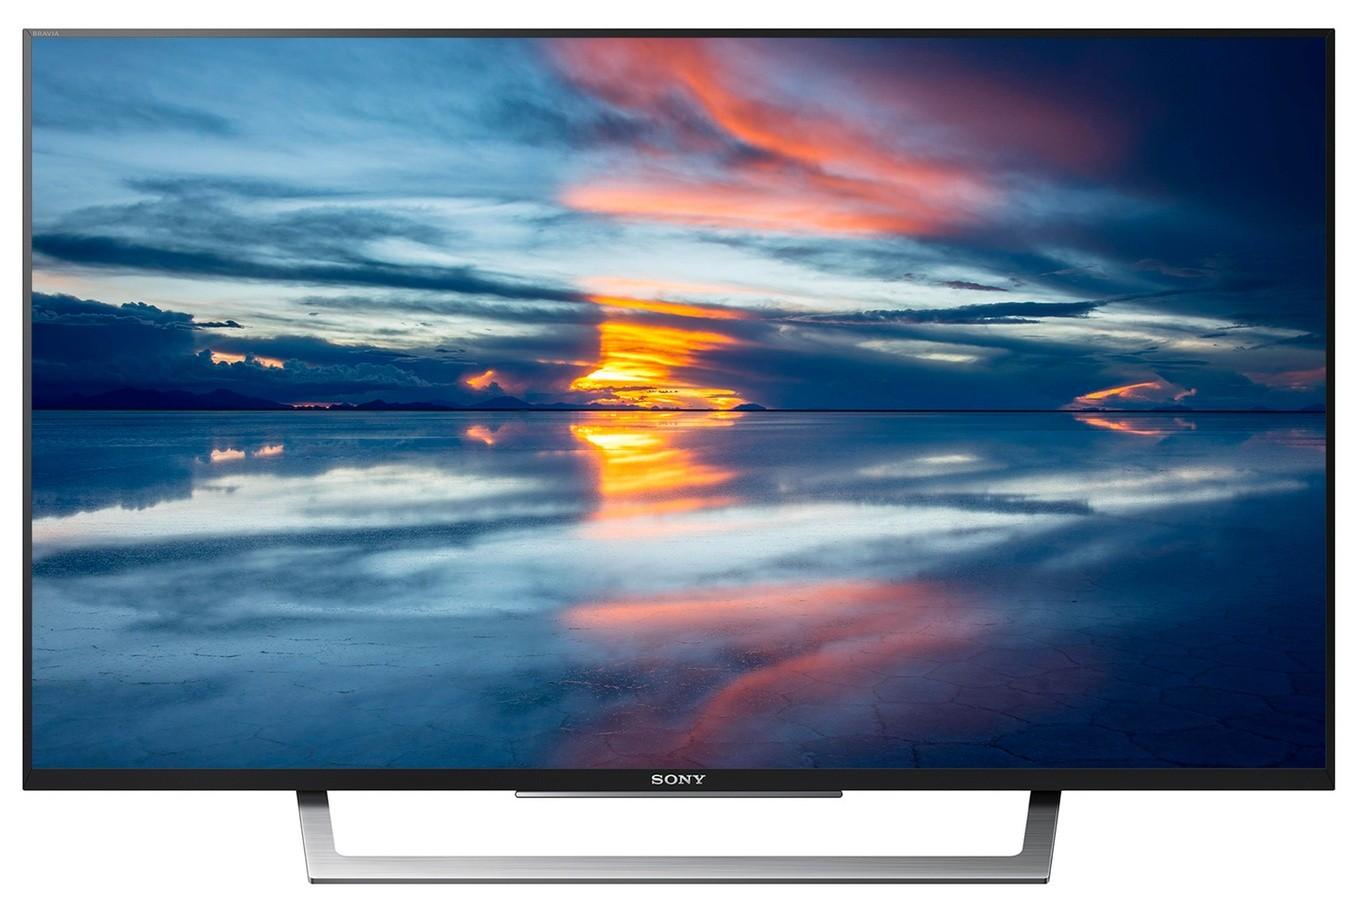 Tv 32 Sony Kdl-32wd750 Full Hd Smart Tv